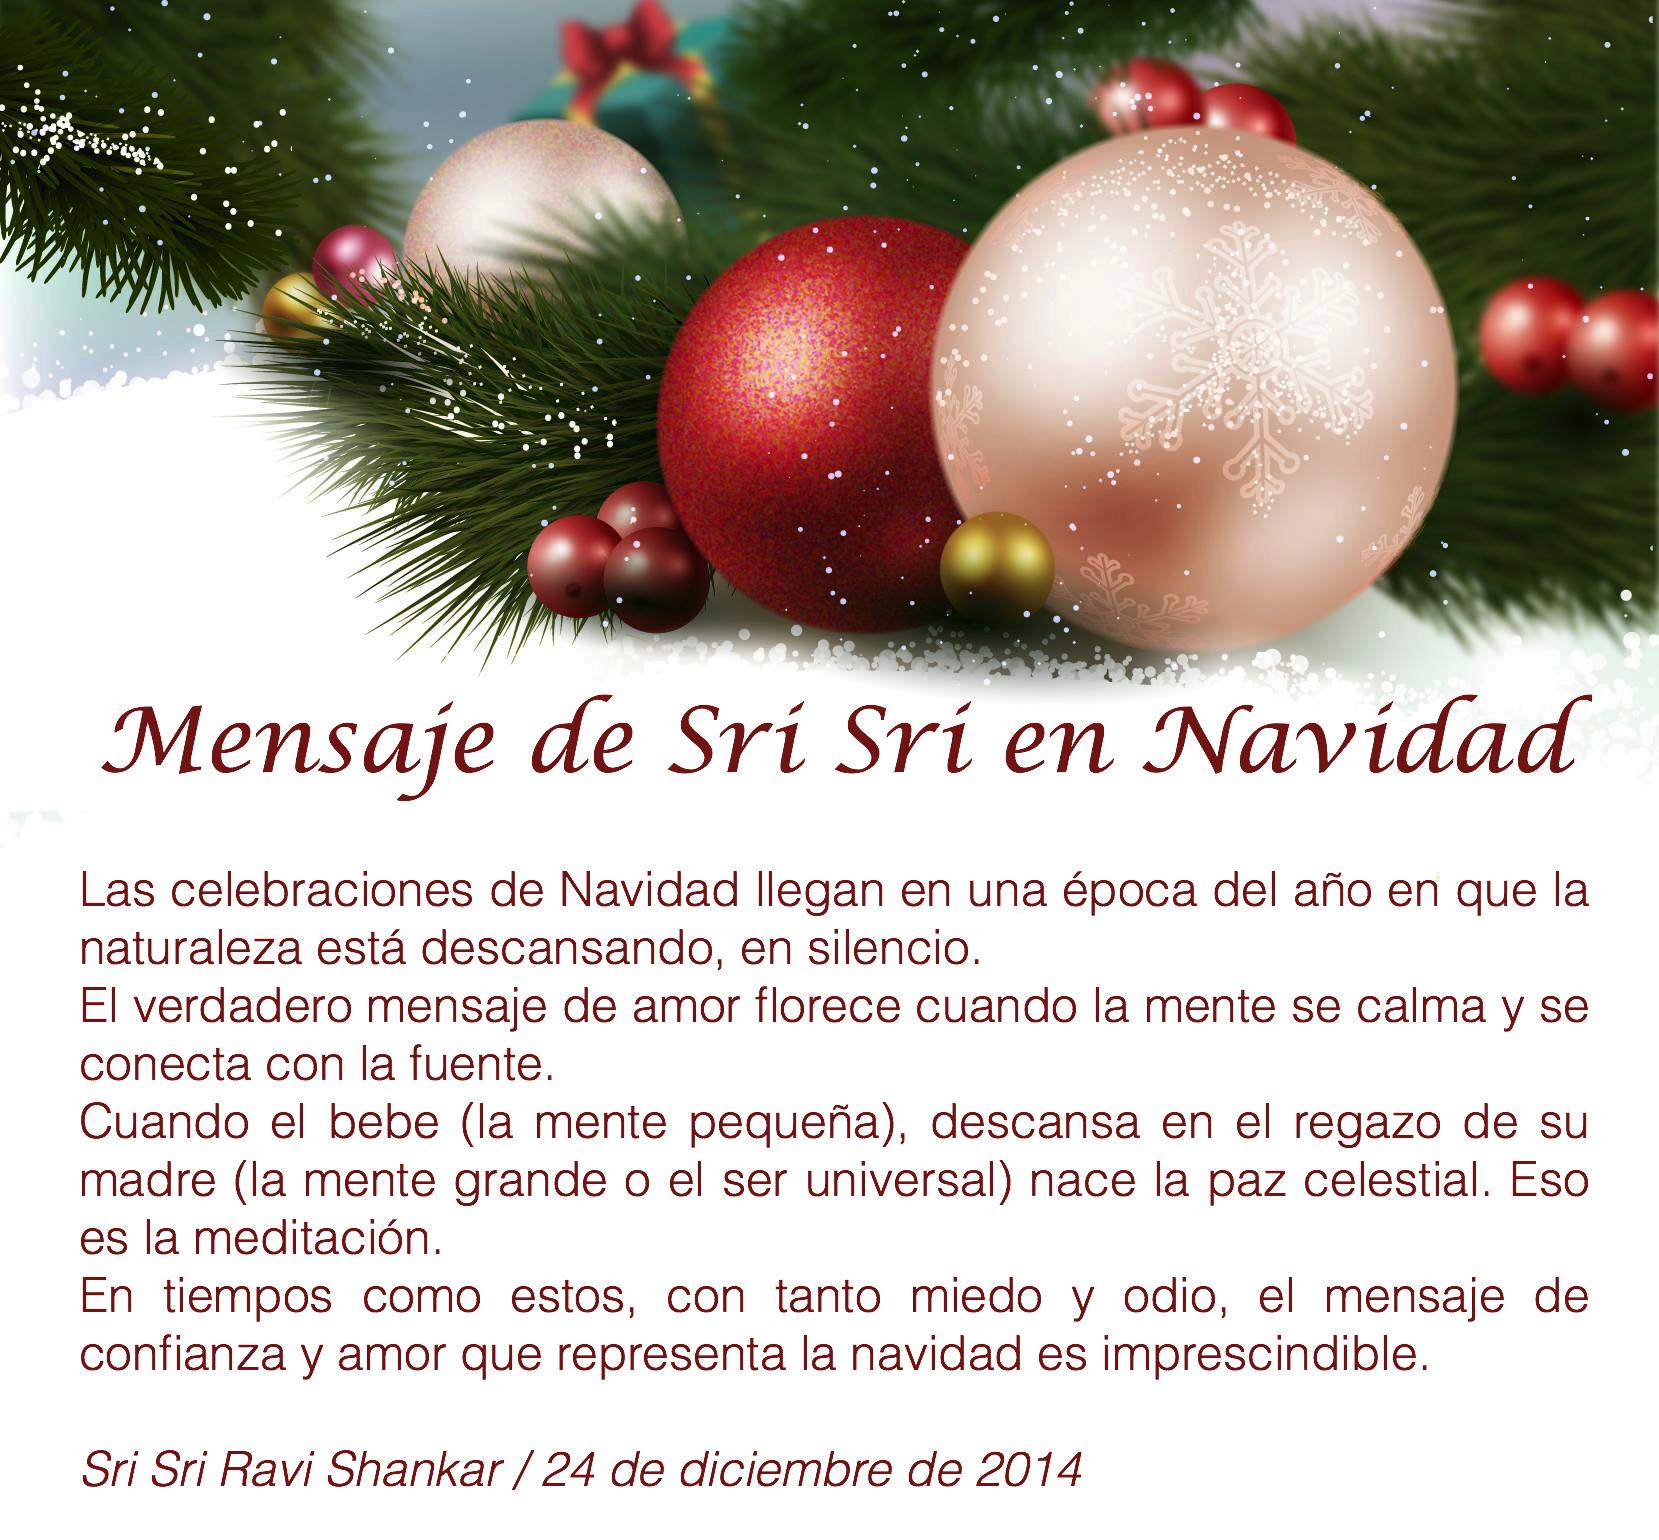 Mensaje de Navidad 2014